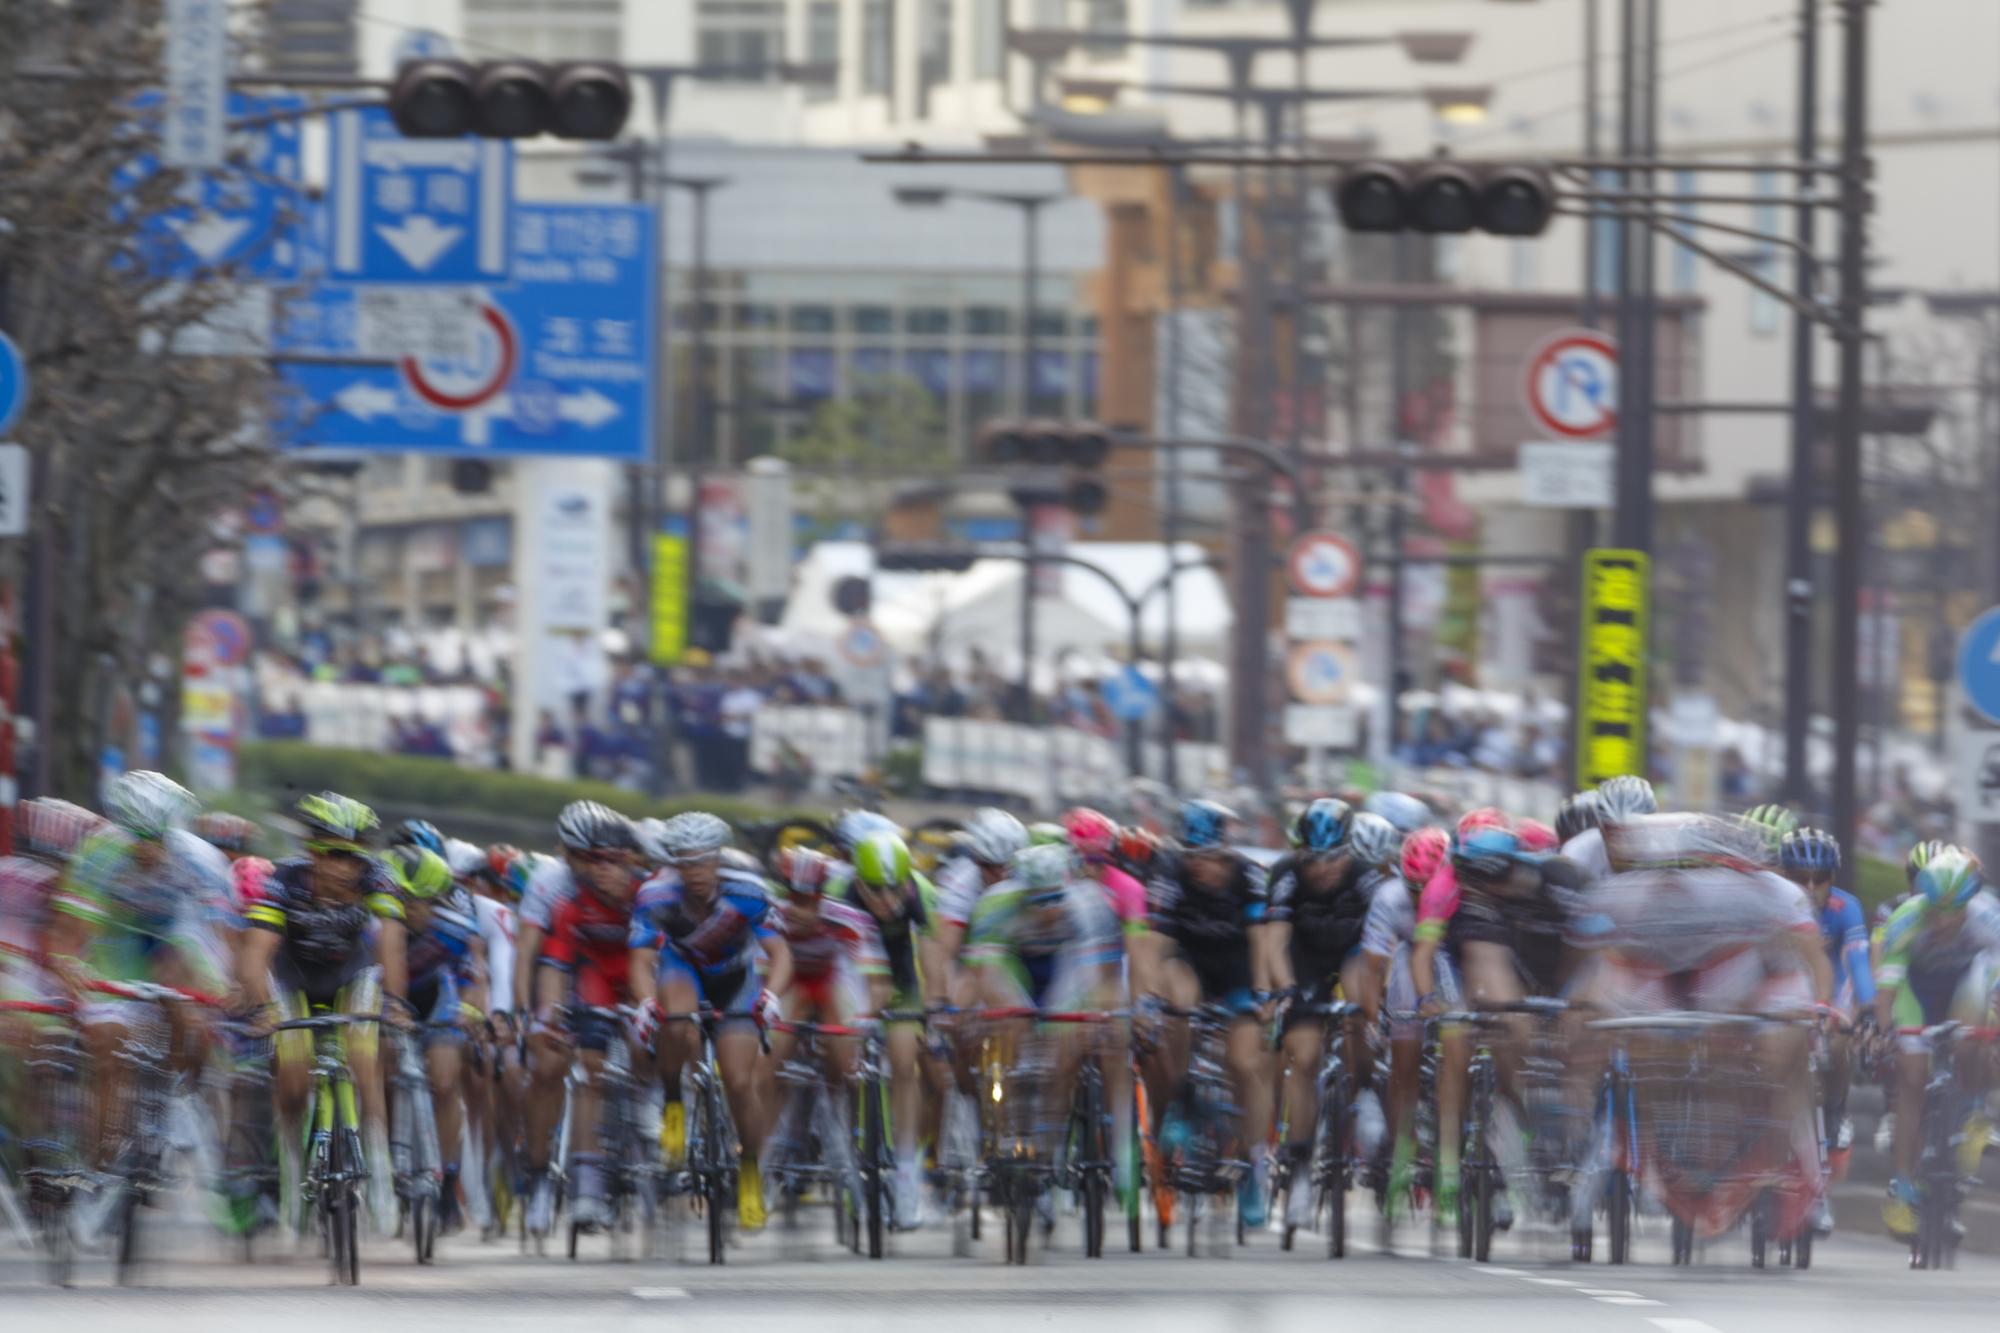 色とりどりのウェアをまとった選手たちが、市街地を疾走する